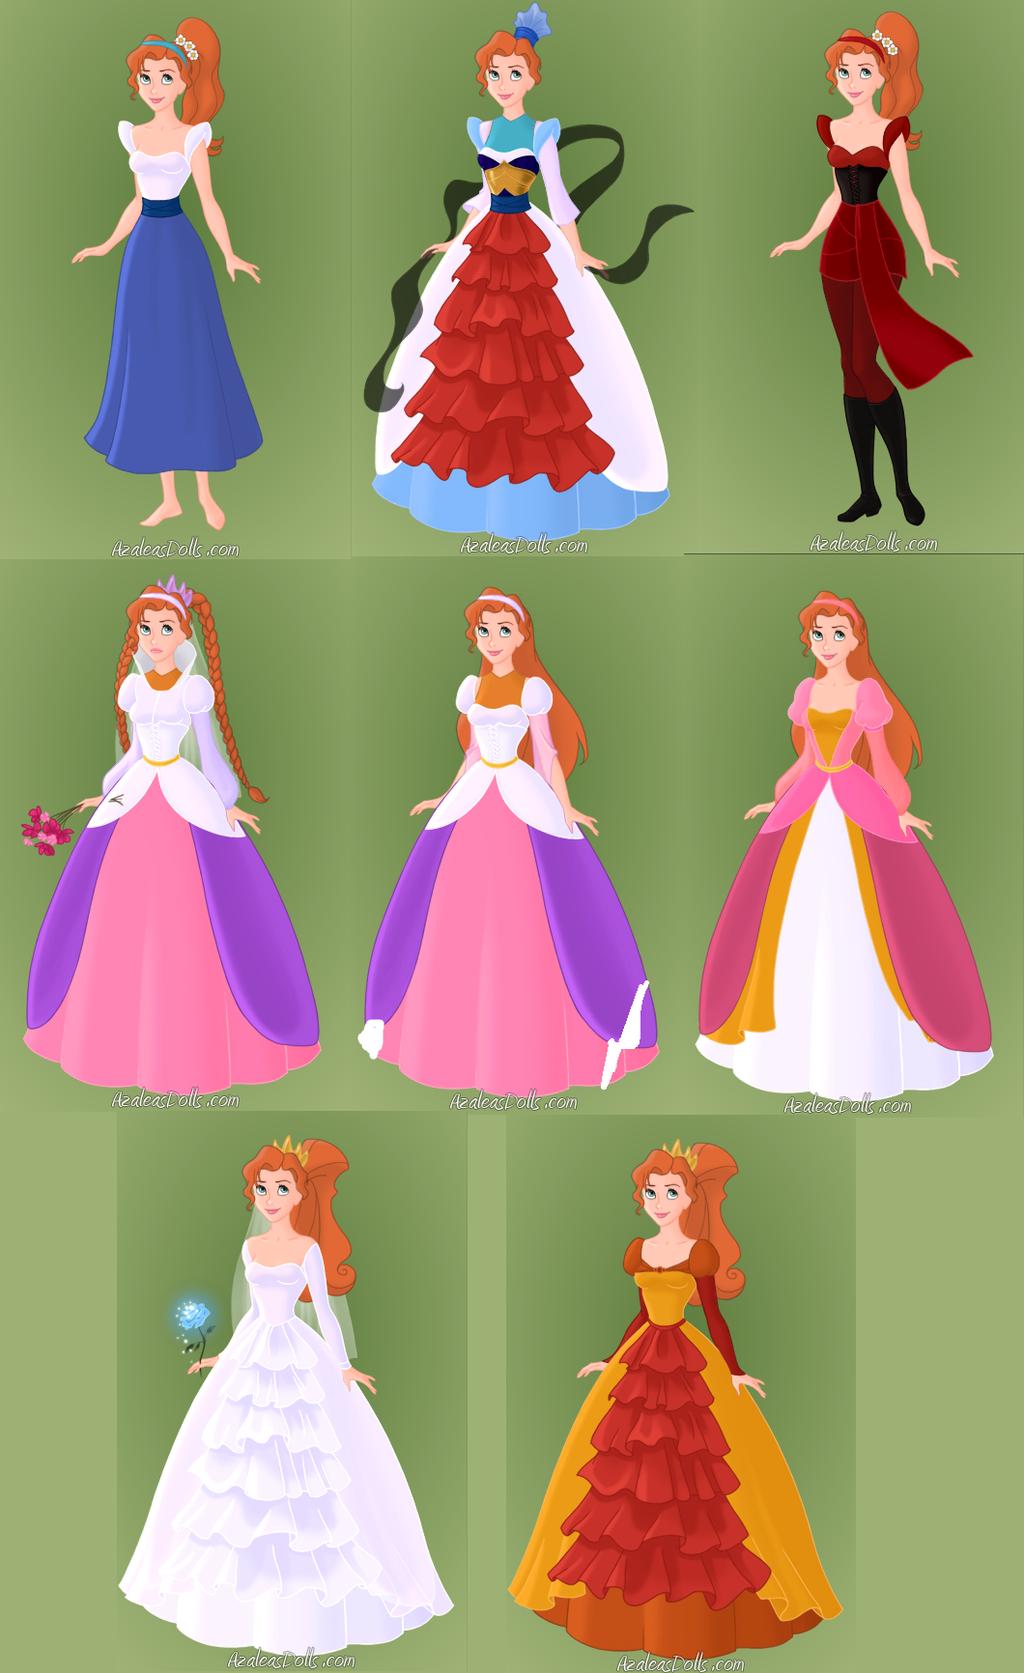 Thumbelina By Princess Rosella On Deviantart